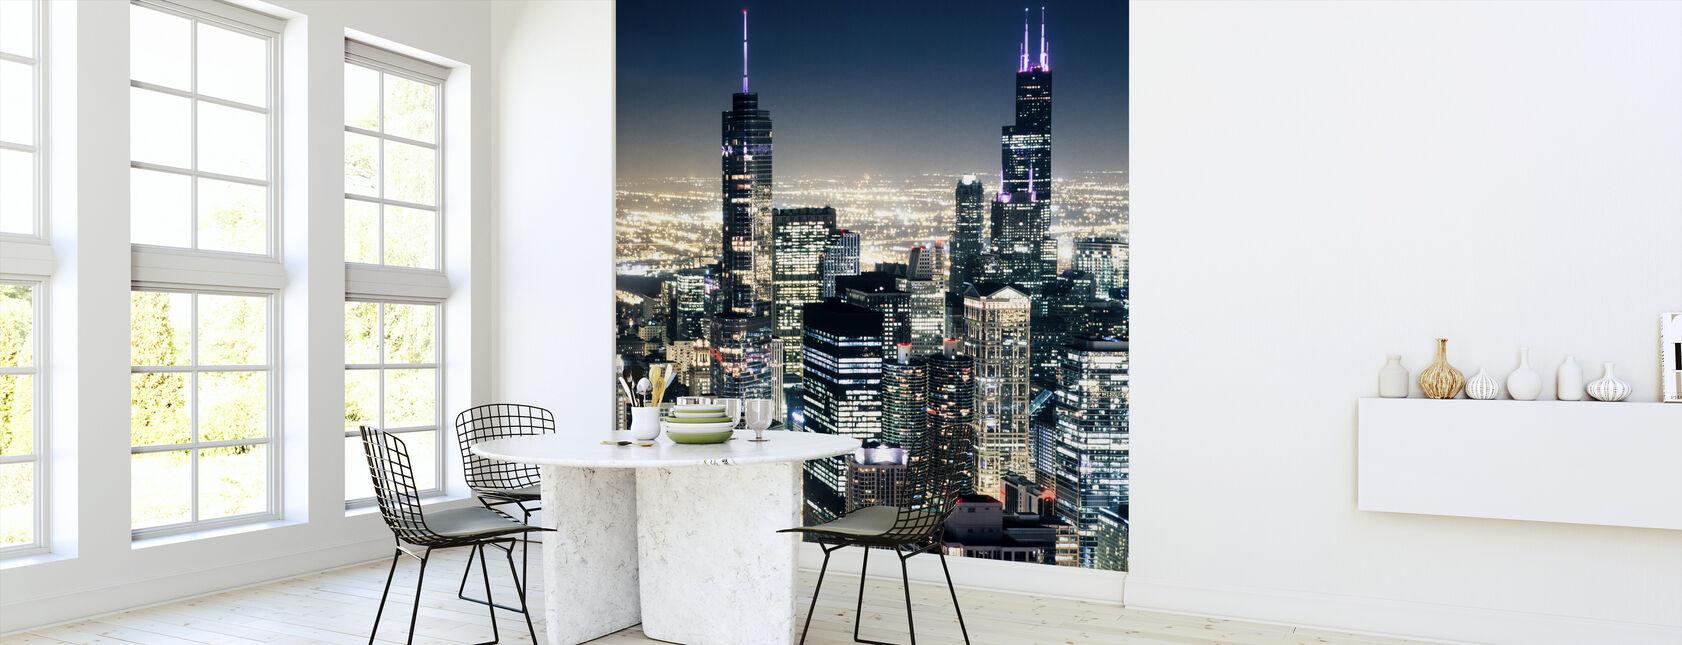 Chicago Nightlights - Wallpaper - Kitchen